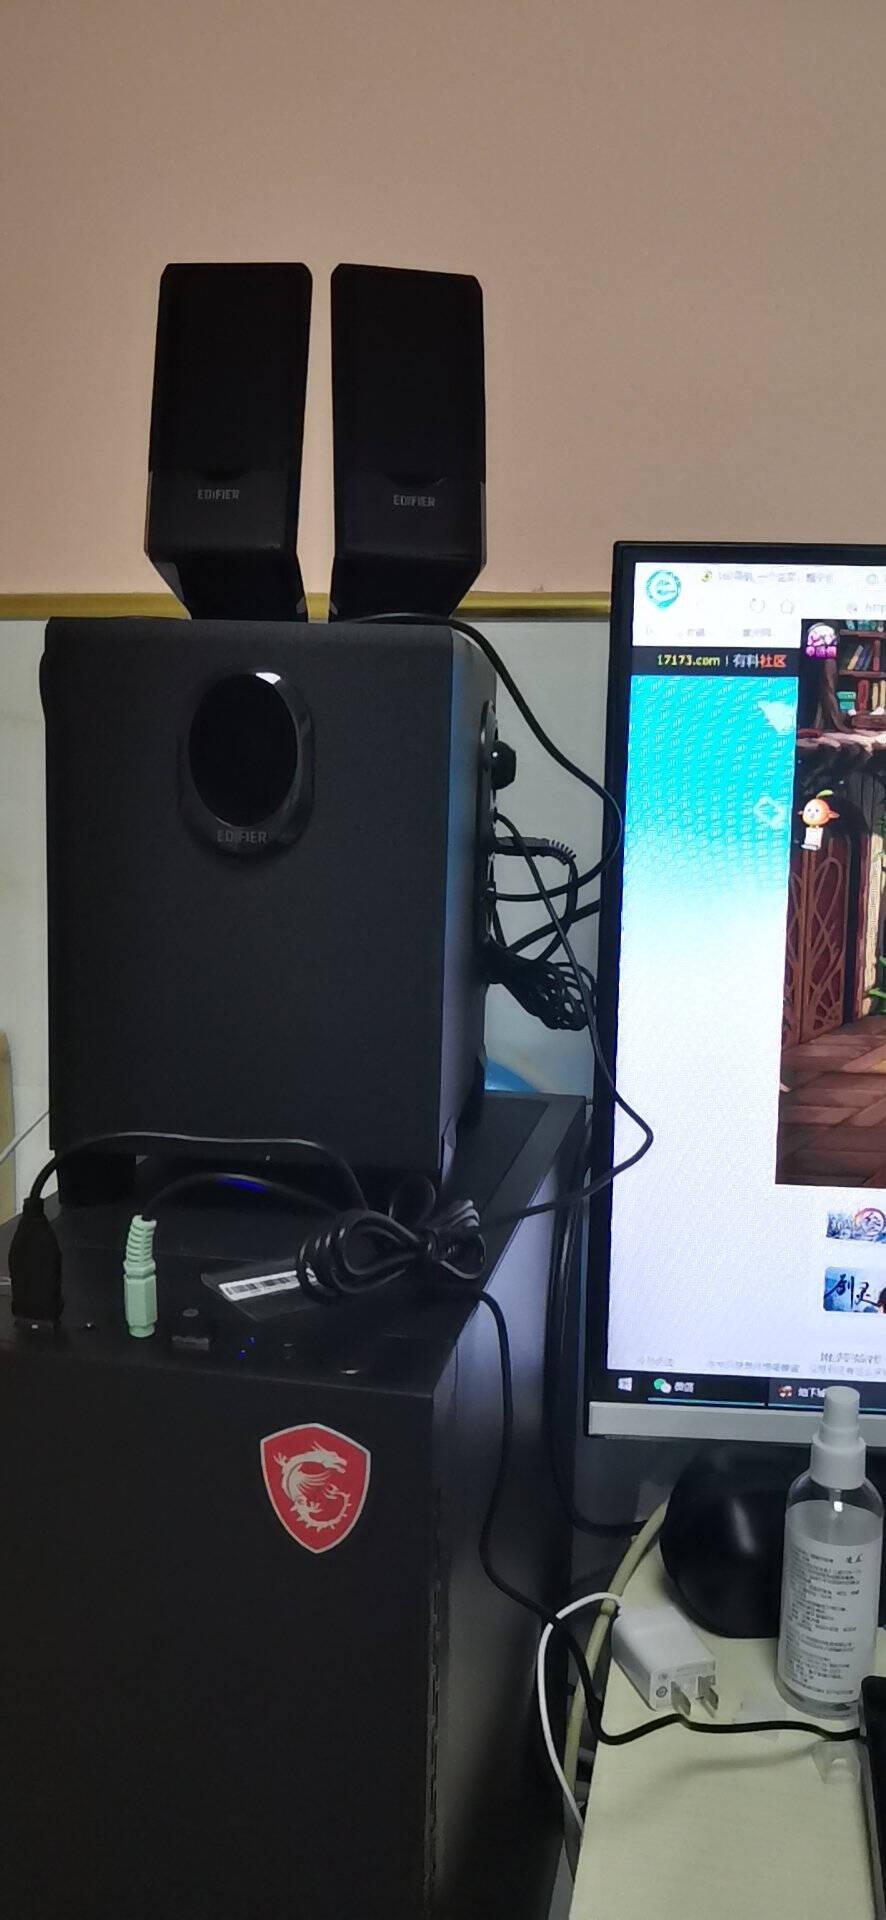 爱国者(aigo)A15全侧透黑色分体式游戏办公电脑机箱+爱国者(aigo)额定400W黑暗骑士550DK电源